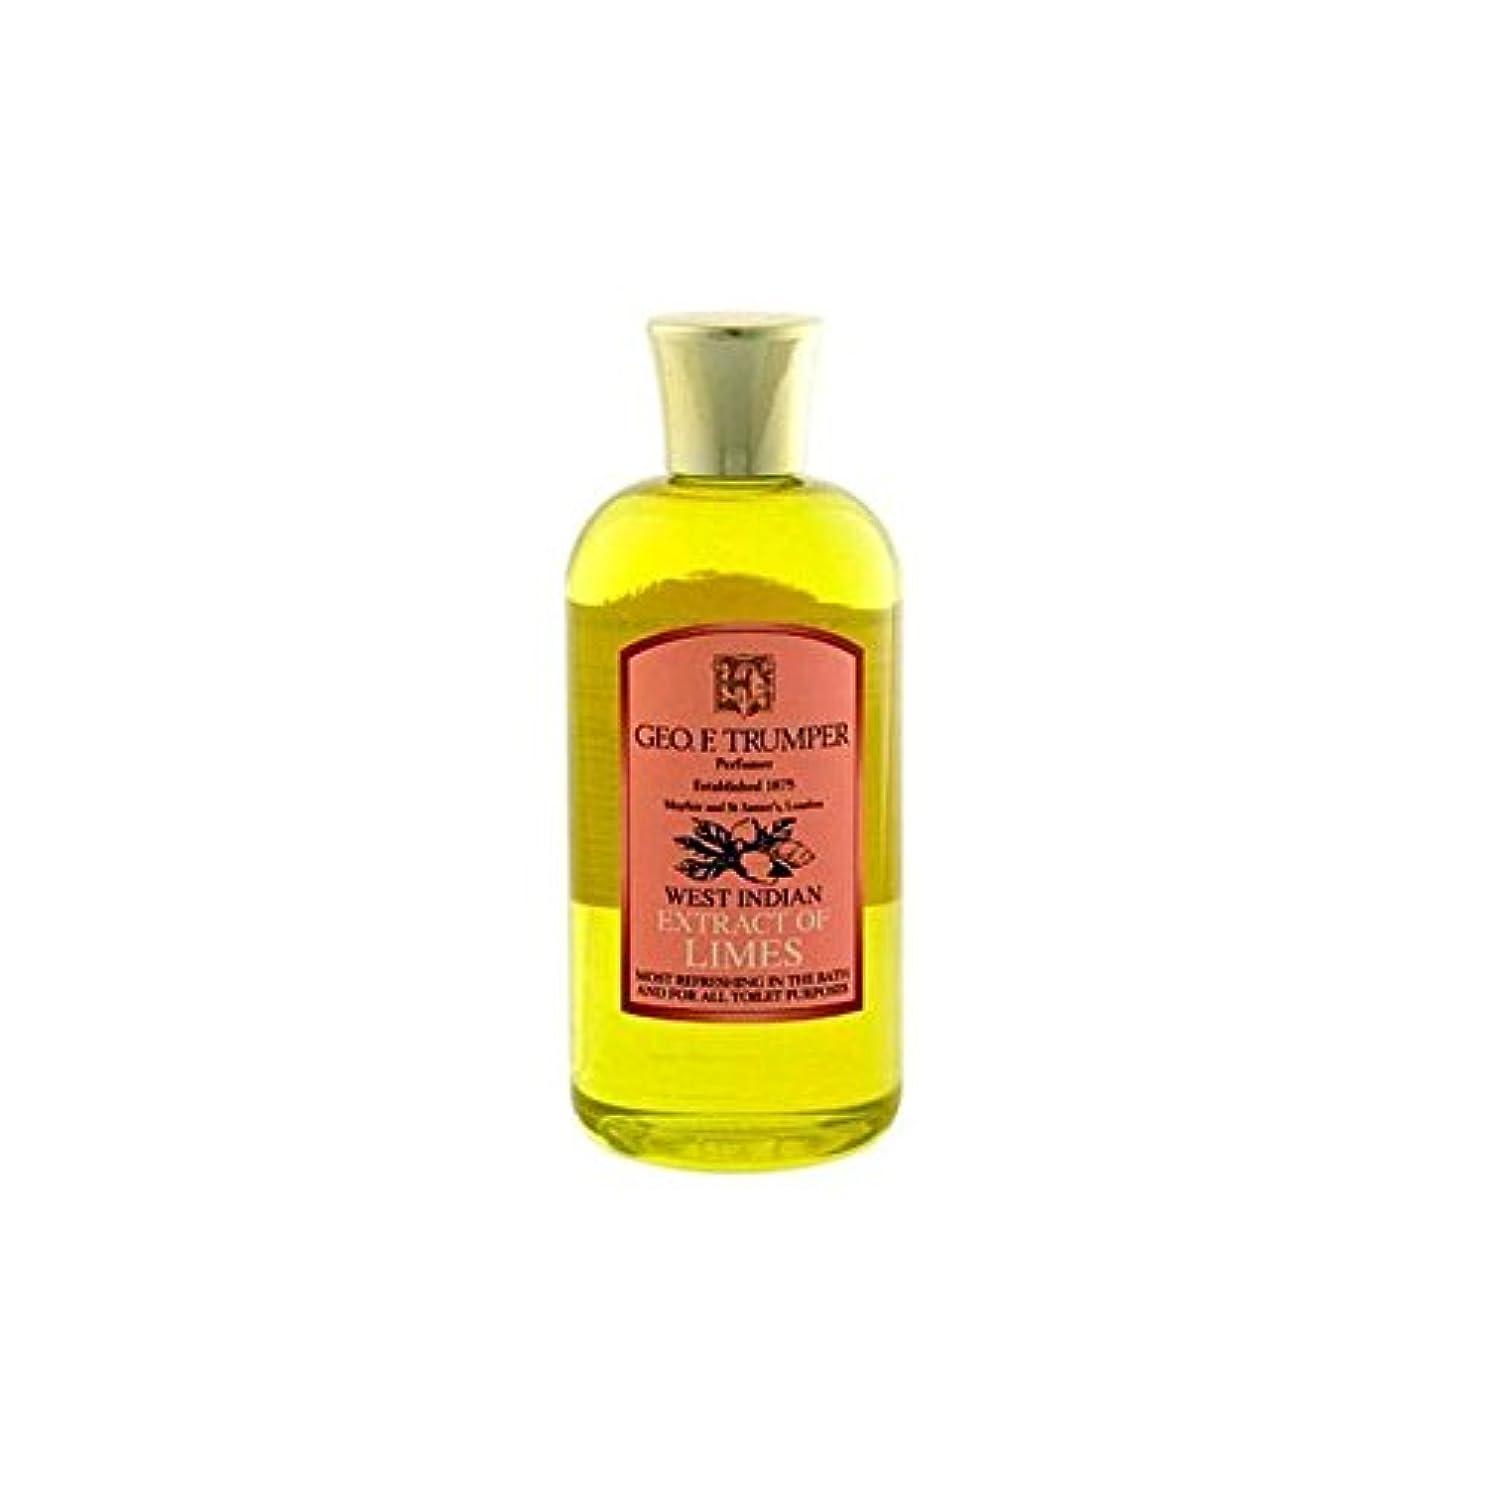 顎ヒギンズ思い出させるTrumpers Extracts of Limes Bath and Shower Gel 200ml - ライムのバスタブとシャワージェル200の抽出物を [並行輸入品]